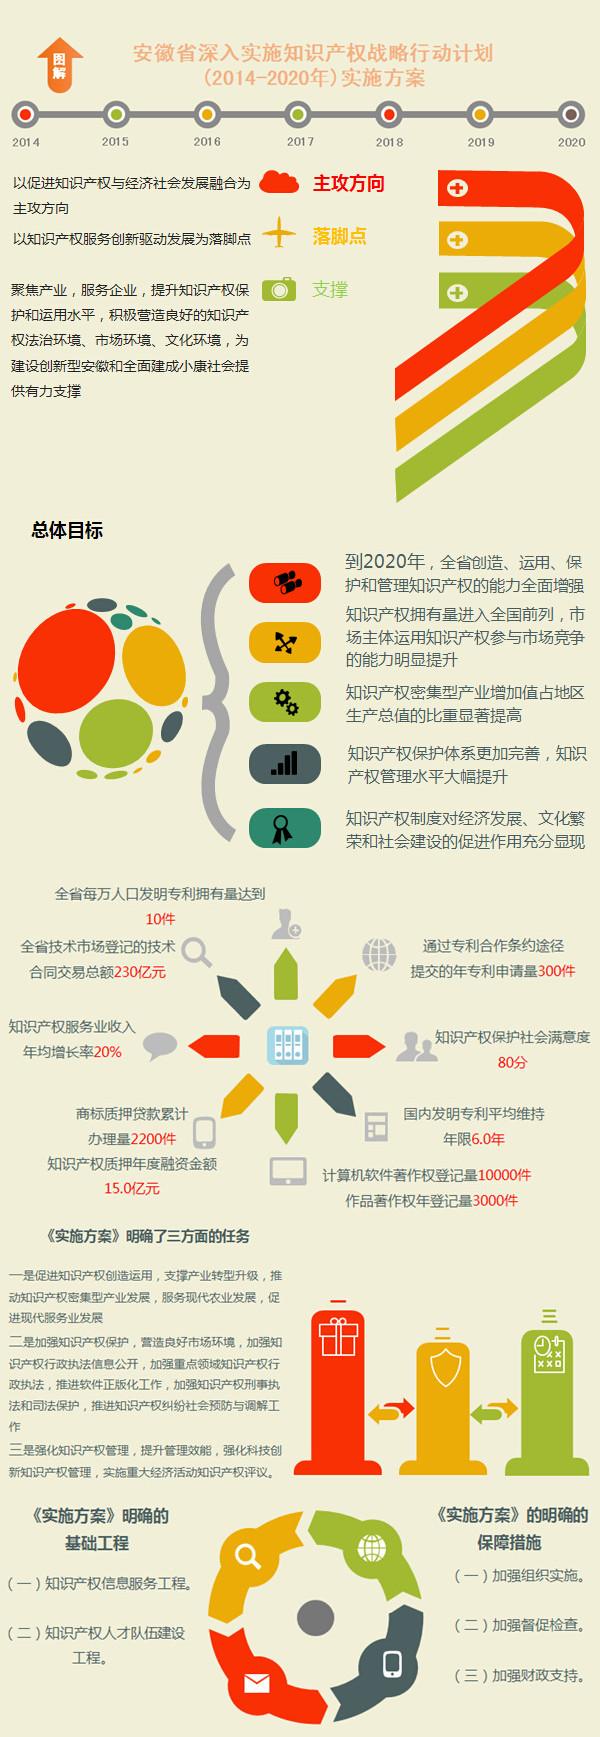 图解《安徽省深入实施知识产权战略行动计划(2014-2020年)实施方案》 - 酷卖潮物~吧 - 酷卖潮物~吧